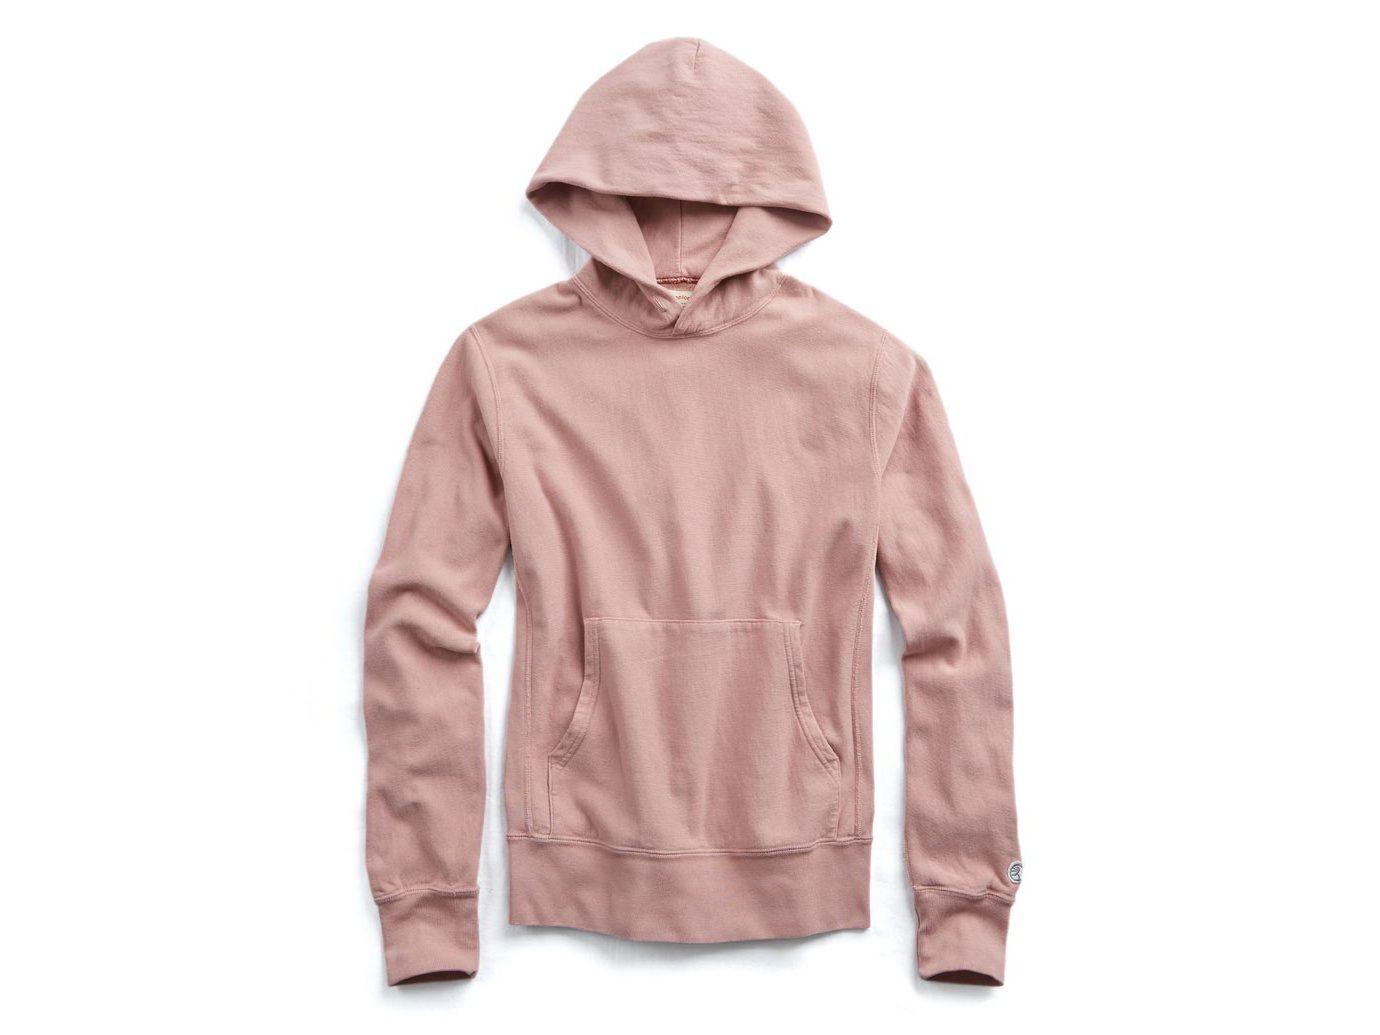 Todd Snyder Fleece Popover Hoodie Sweatshirt